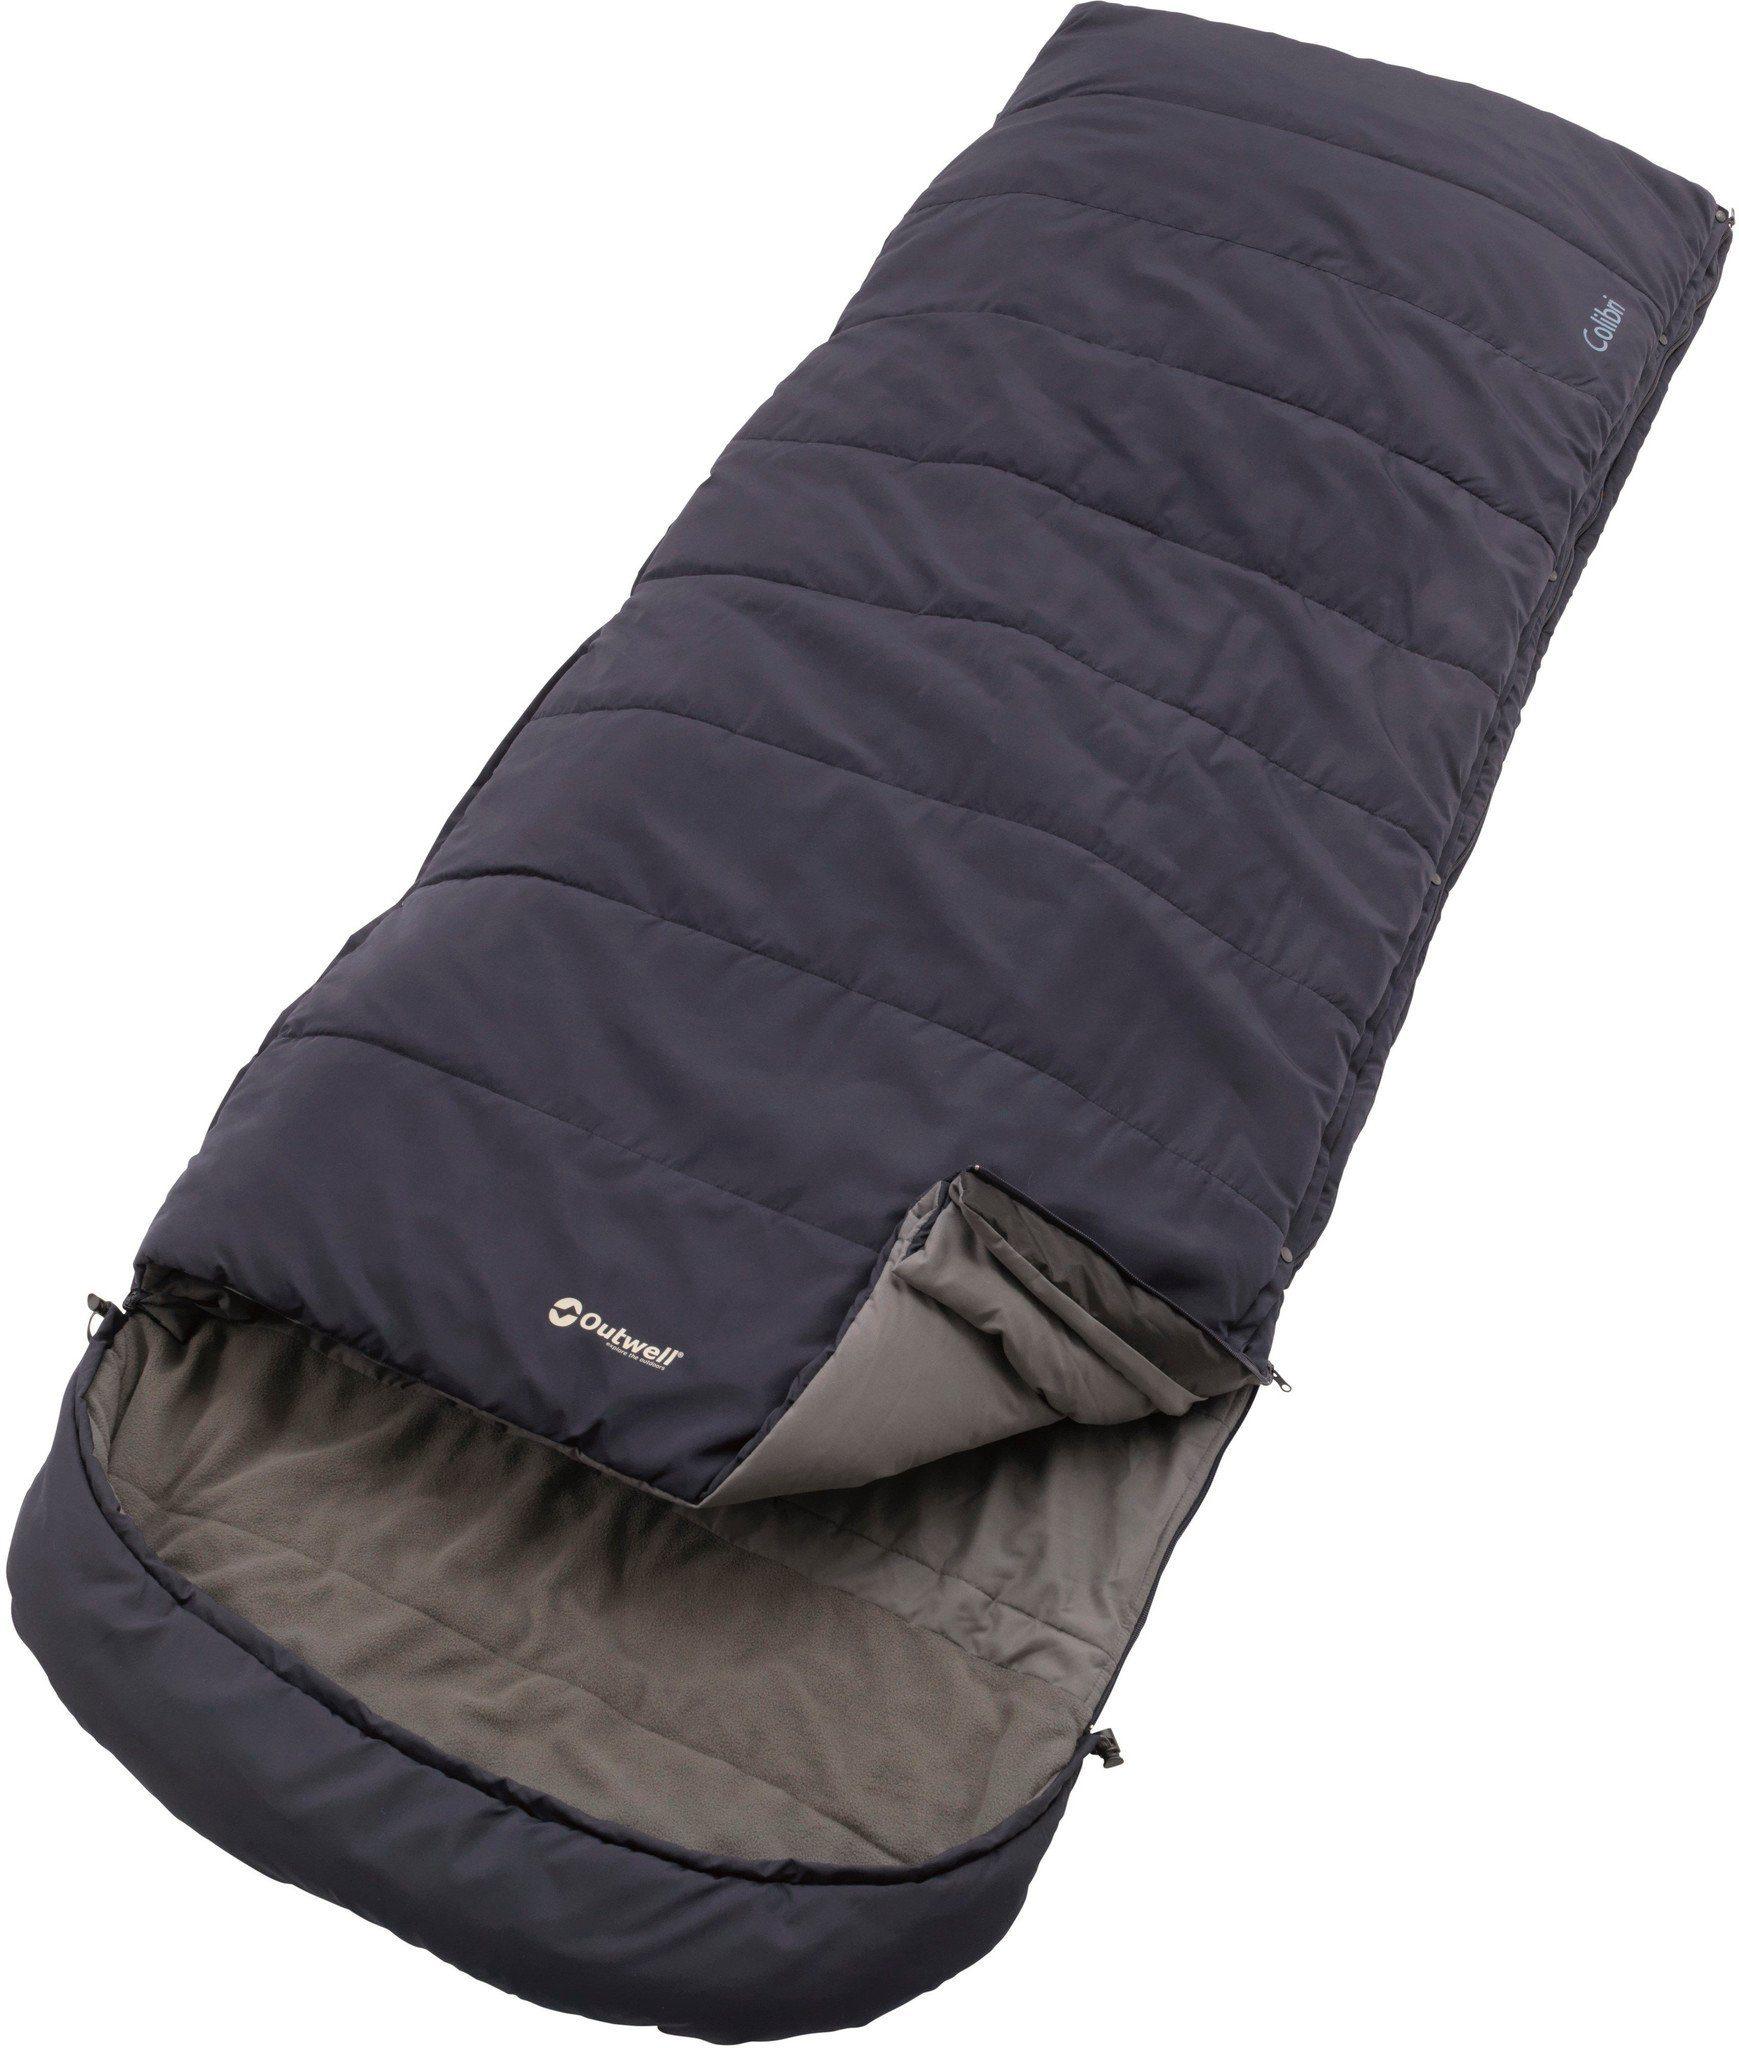 Outwell Wanderrucksack »Colibri Sleeping Bag«